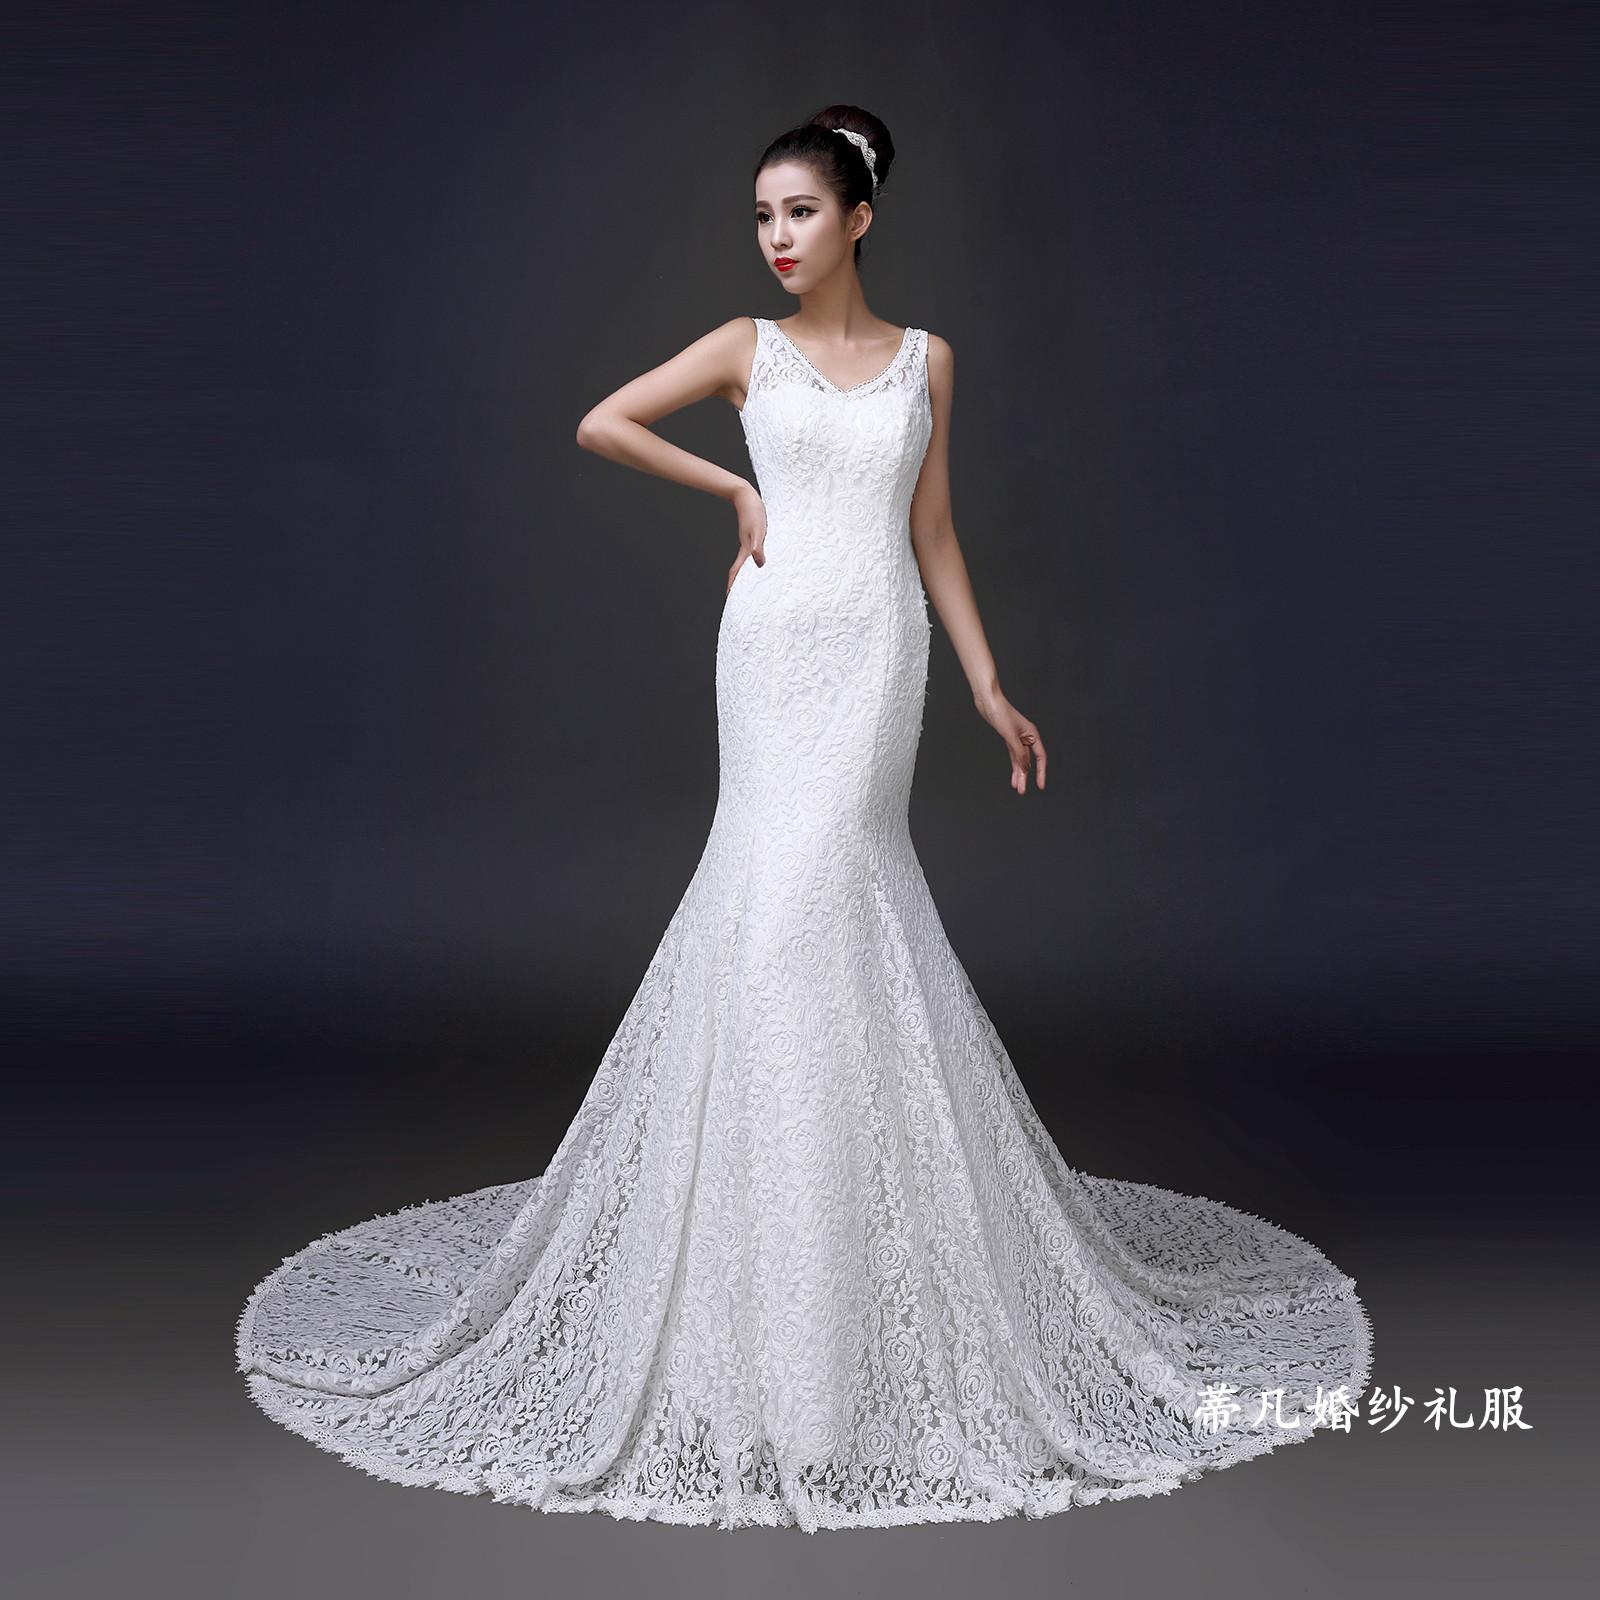 婚纱礼服新款2014秋冬季时尚V领拖尾鱼尾修身韩式新娘双肩型显瘦